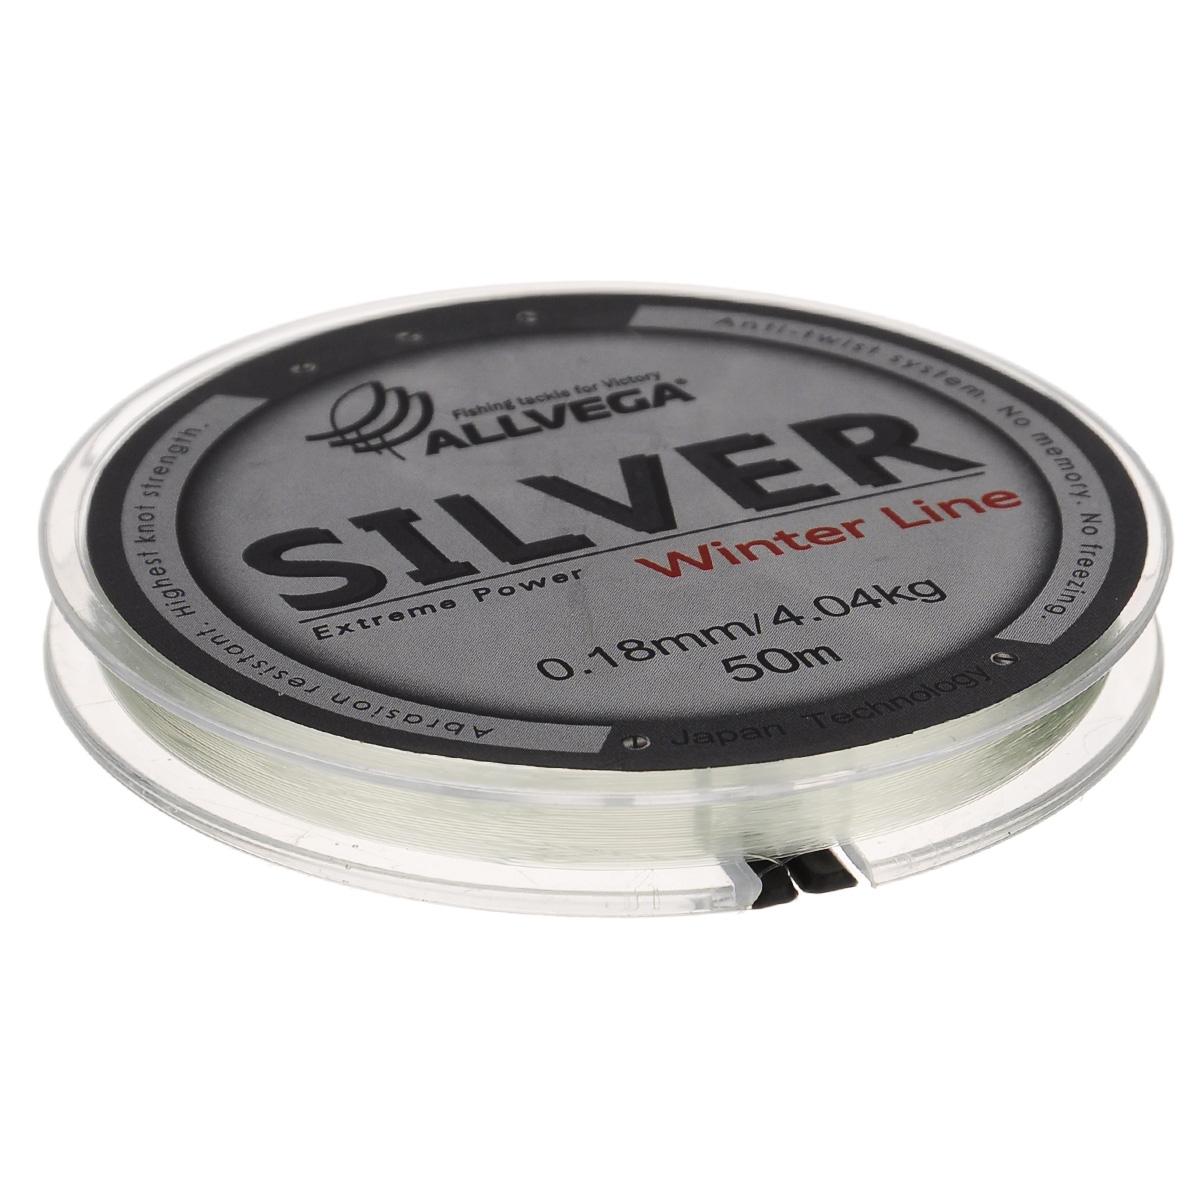 Леска Allvega Silver, цвет: серебристый, 50 м, 0,18 мм, 4,04 кг51530Специальная зимняя леска Allvega Silver предназначена для использования во время низких температур. Имеет светло-серый, серебристый оттенок. Высокопрочная. Отсутствие механической памяти позволяет с успехом использовать ее для ловли на мормышку.